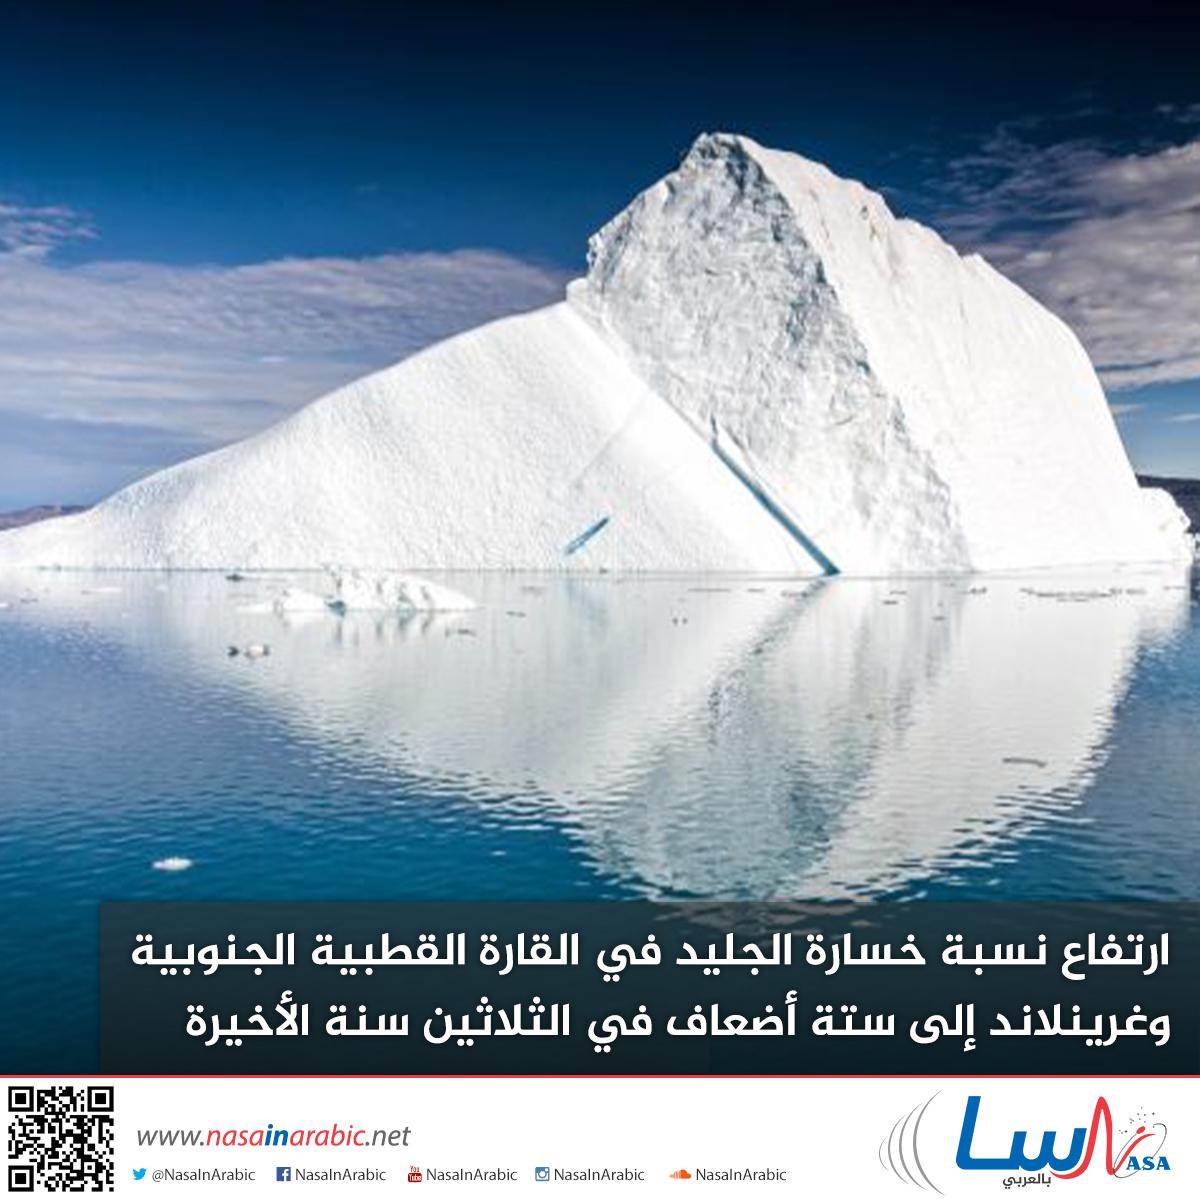 ارتفاع نسبة خسارة الجليد في القارة القطبية الجنوبية وغرينلاند إلى ستة أضعاف في الثلاثين سنة الأخيرة